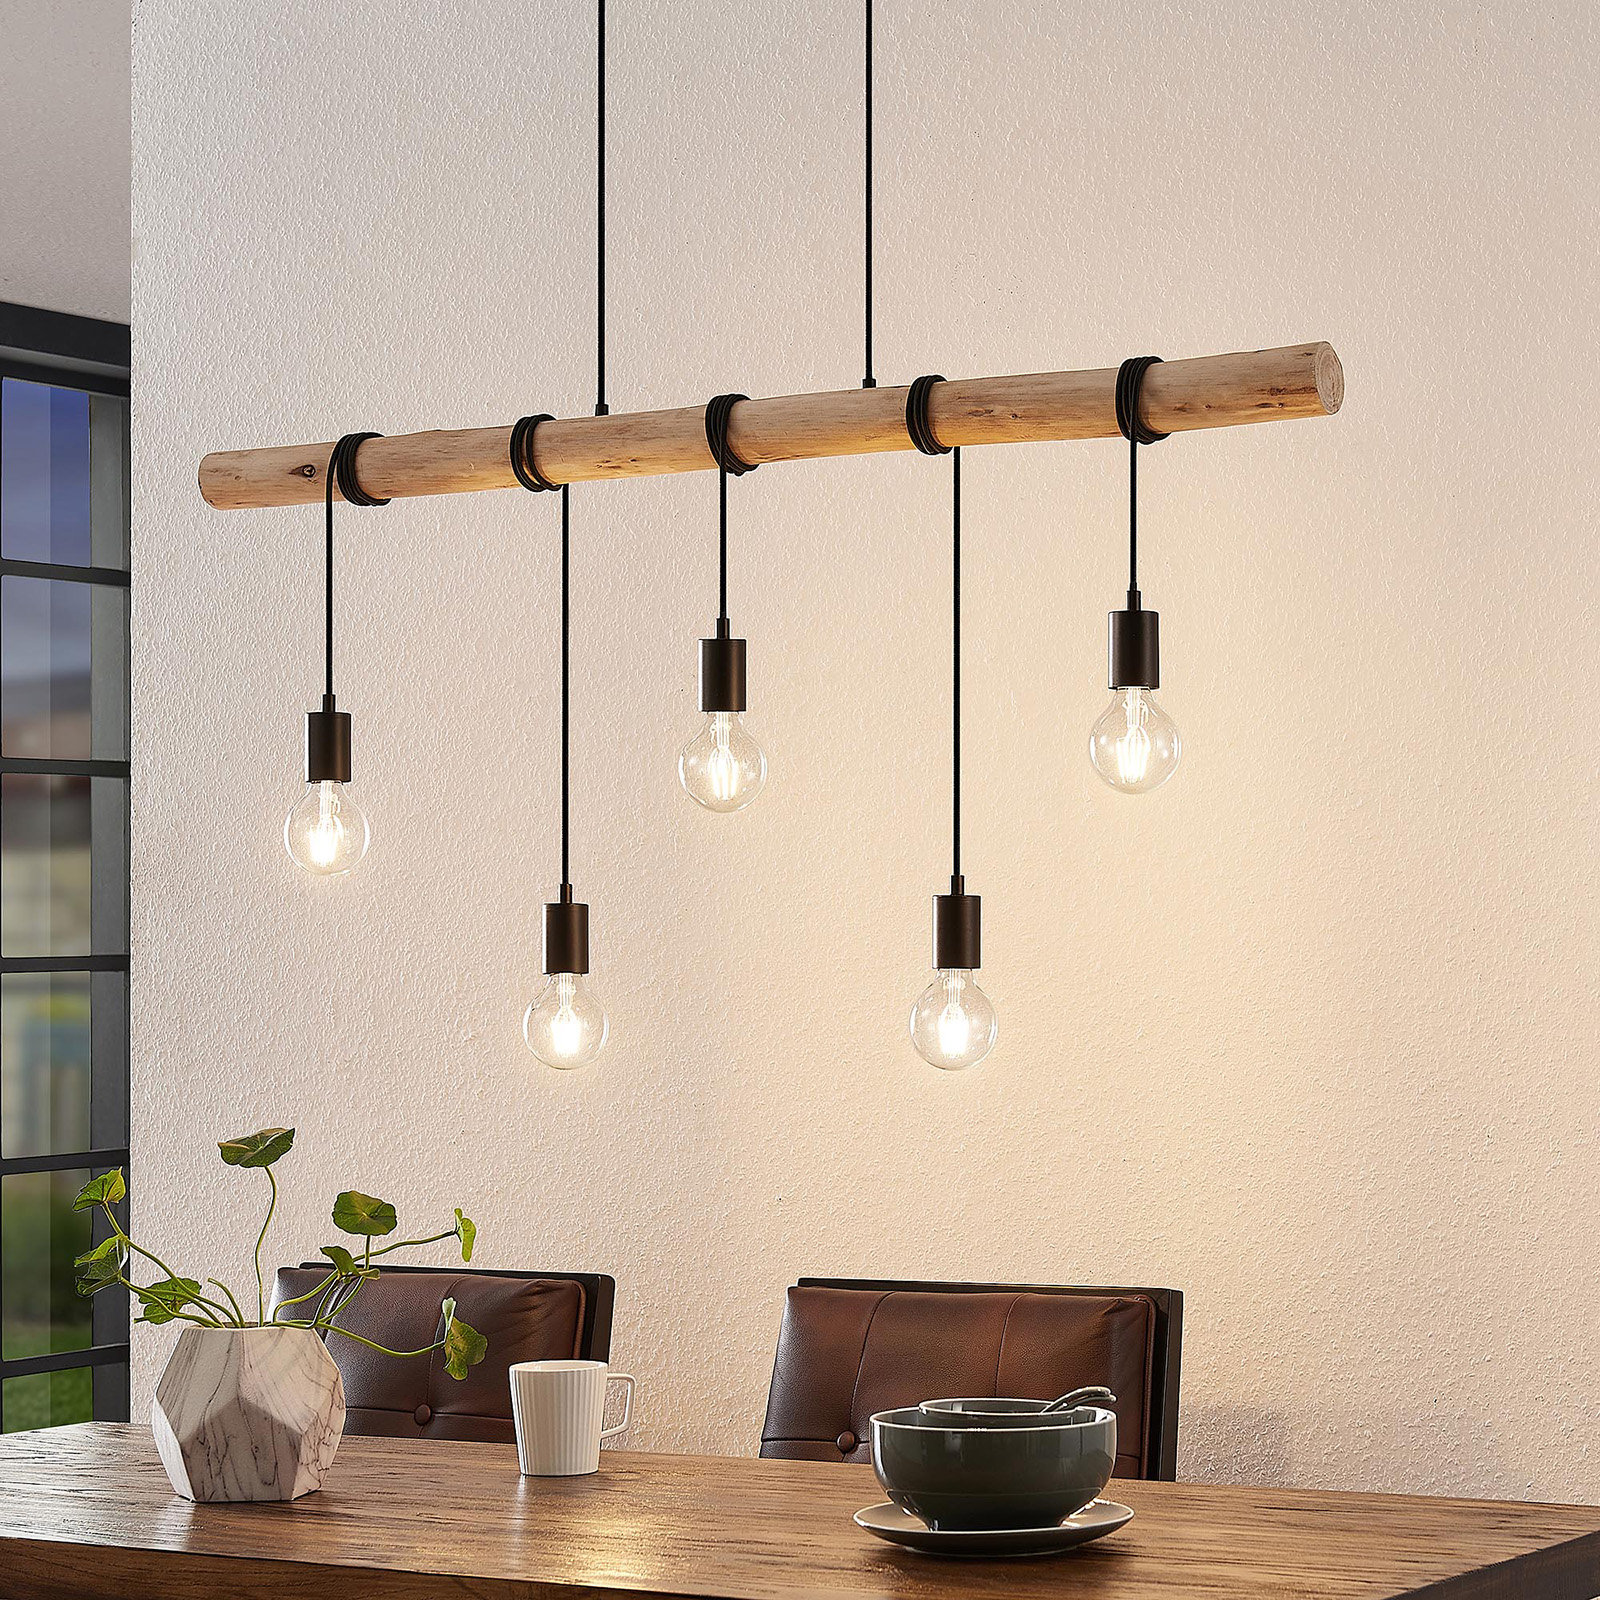 Lindby Rom hänglampa med träskenor, 5 lampor